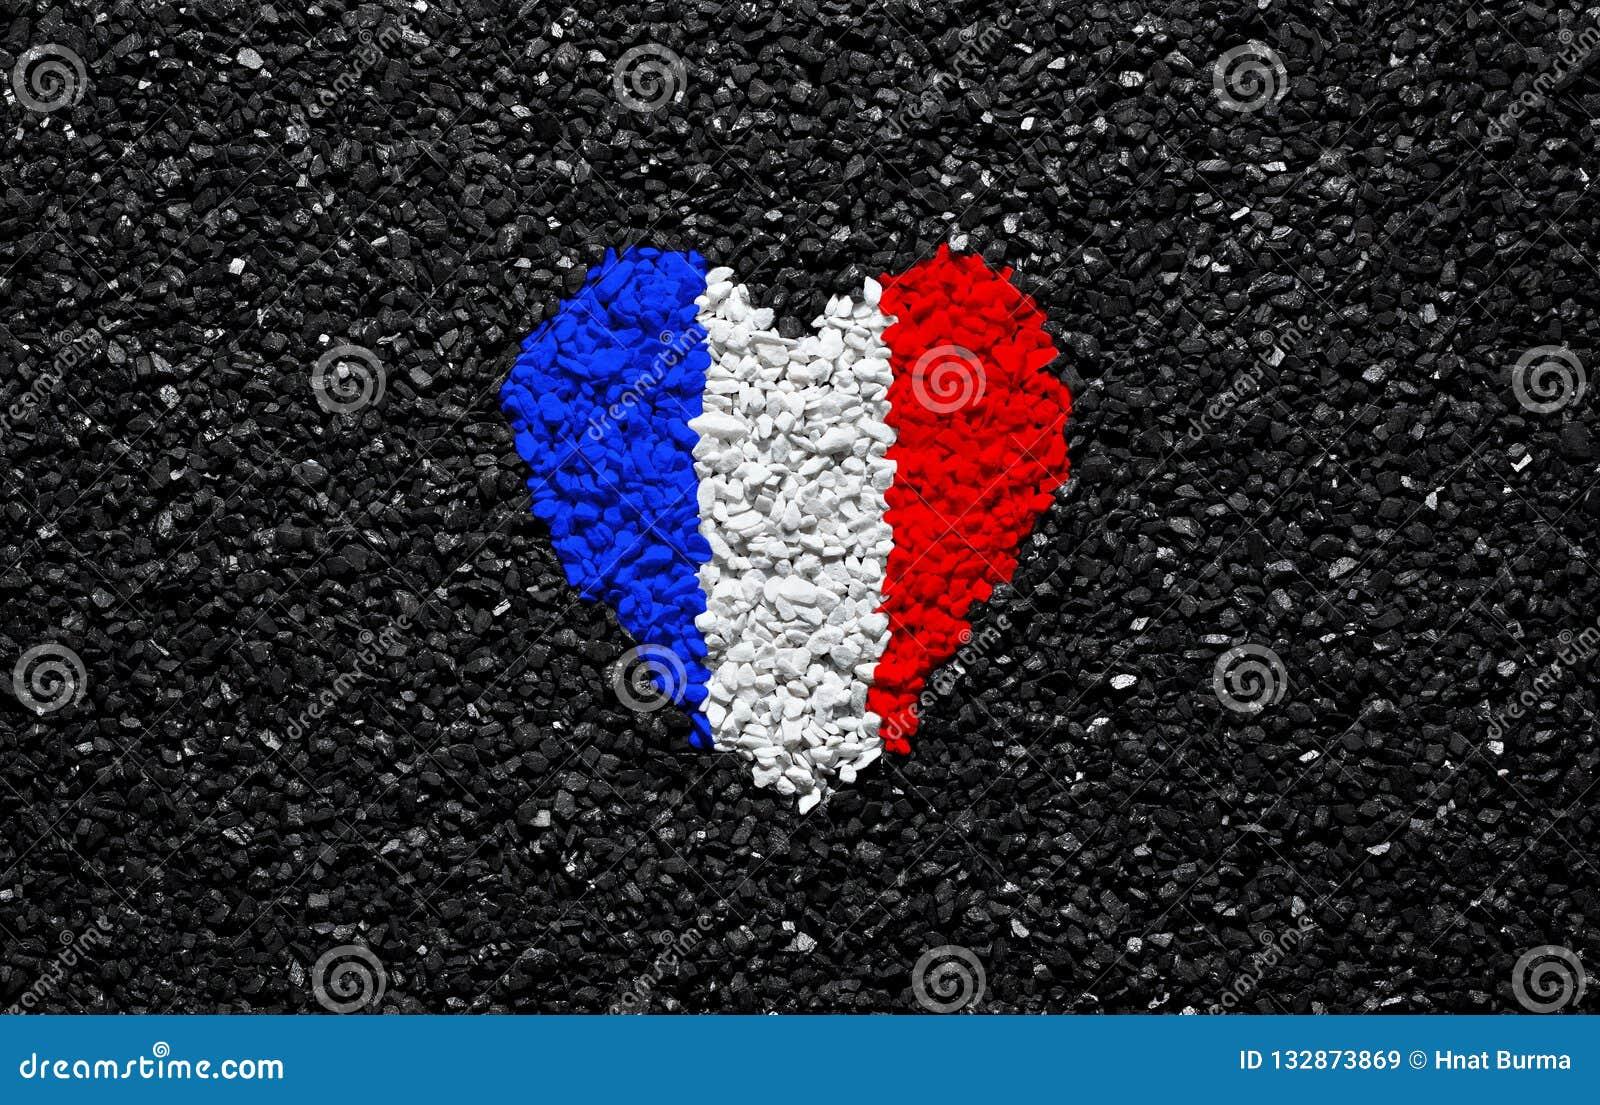 Drapeau de la France, drapeau français, coeur sur le fond noir, pierres, gravier et bardeau, papier peint